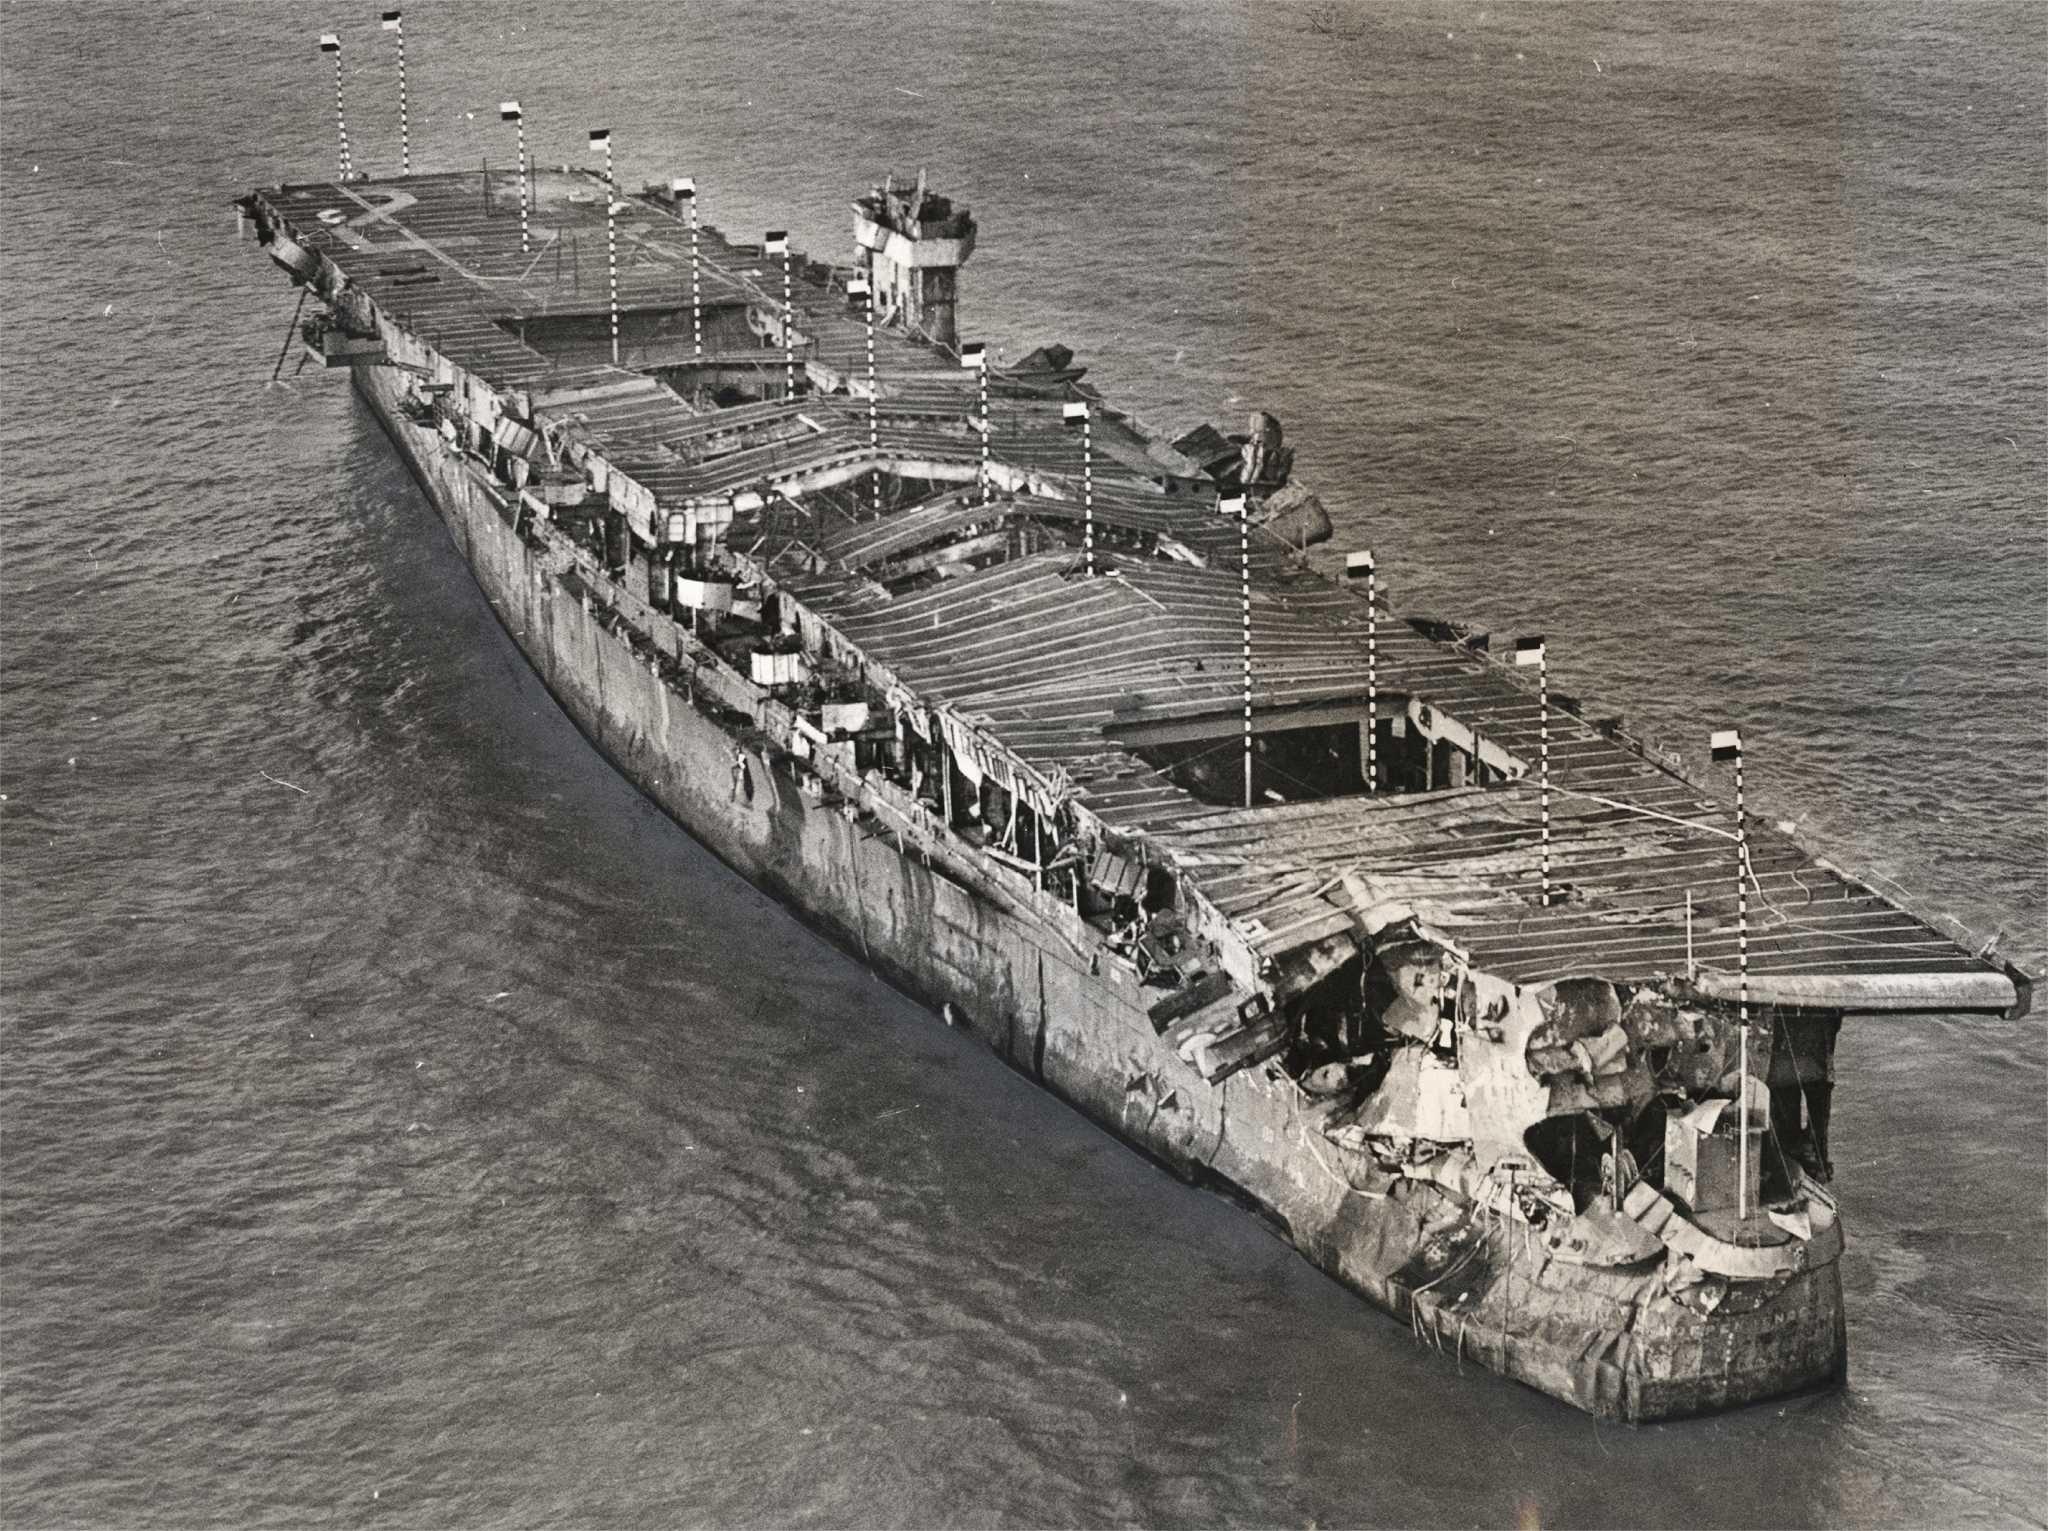 Sunken WWII-era aircraft carrier found off Northern